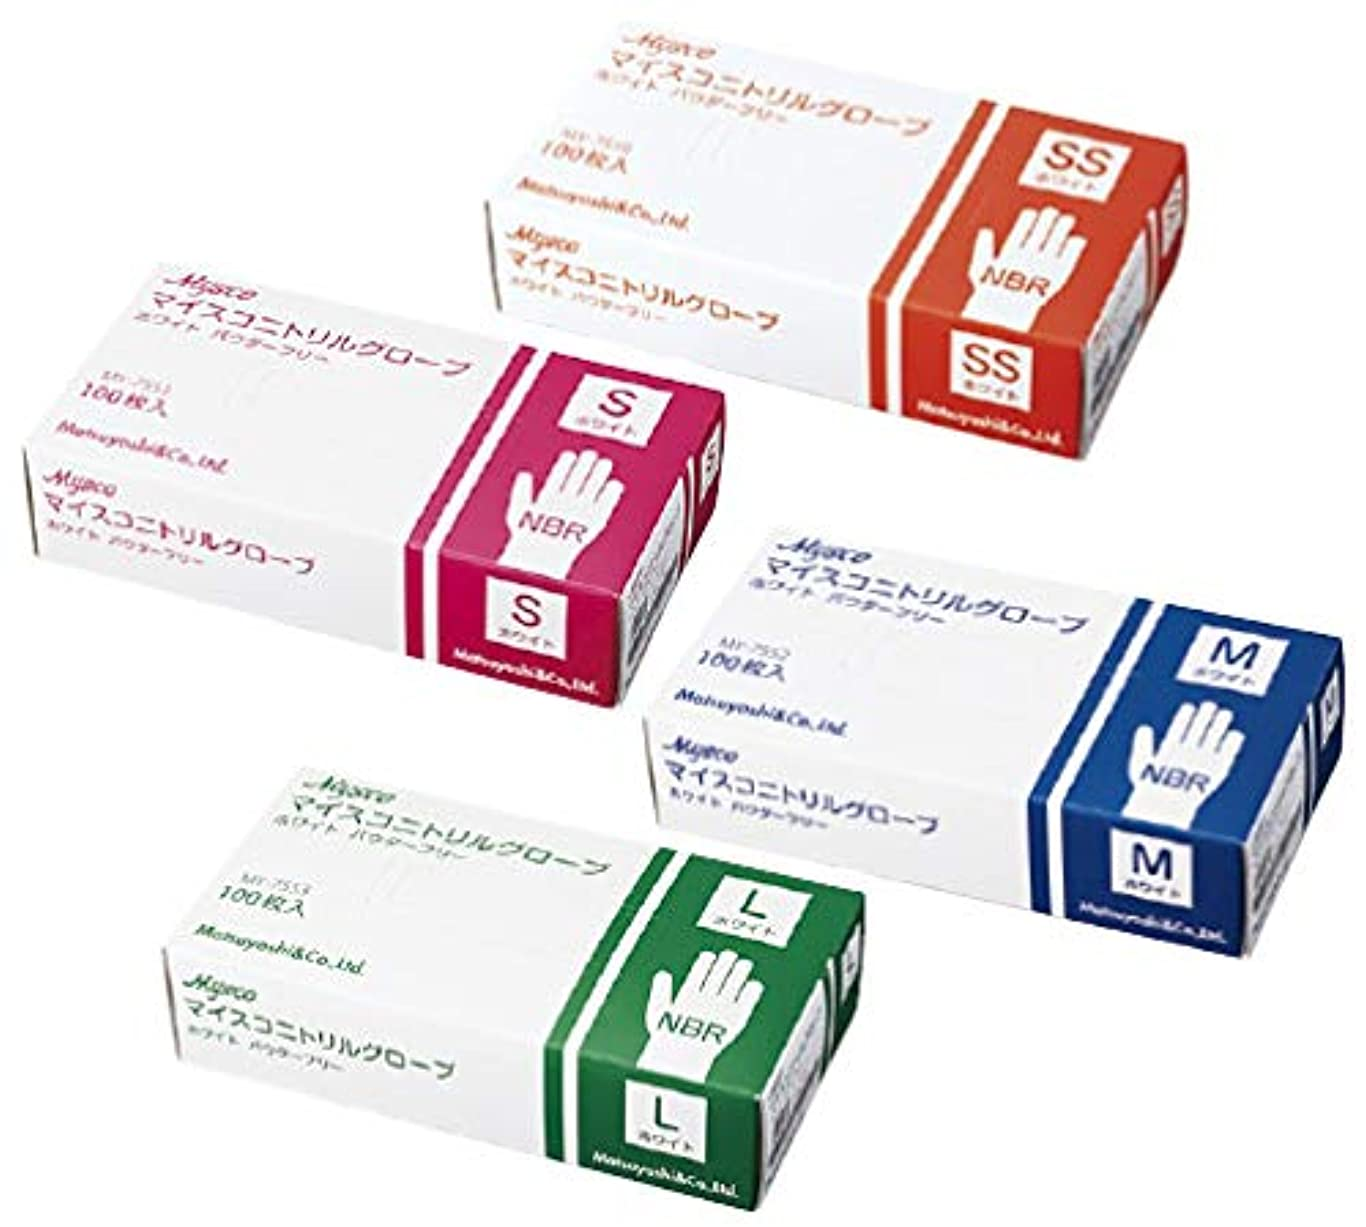 北米弱いスタウトマイスコ ニトリルグローブ ホワイト 粉なし S 100枚入 3箱